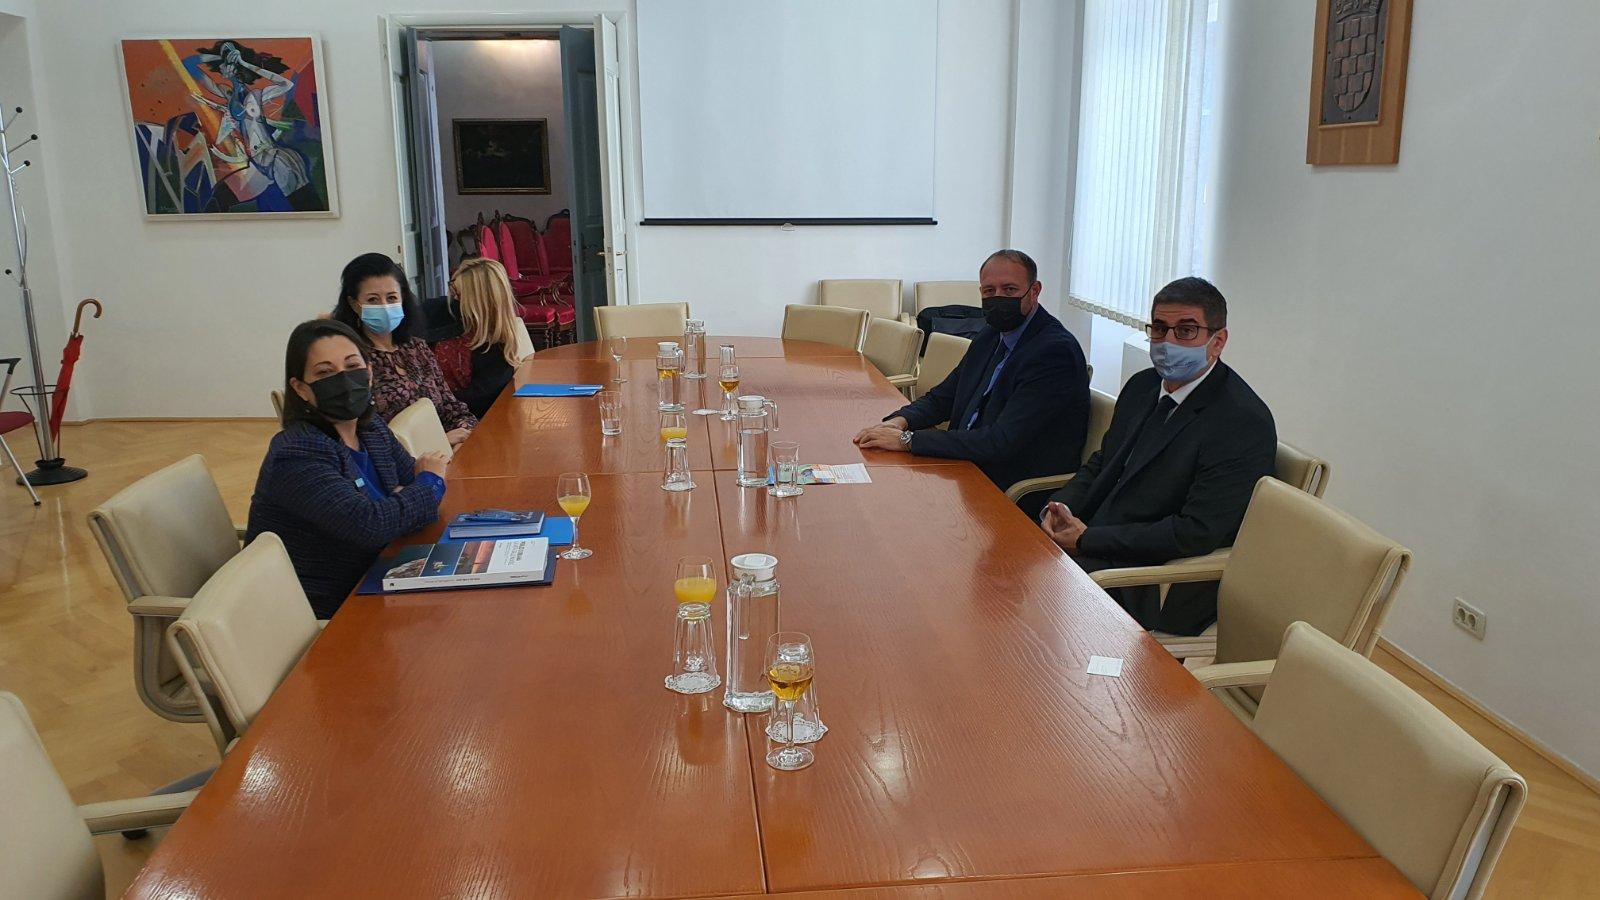 Dogovorena suradnja između Grada Rovinja-Rovigno i UNICEF-a